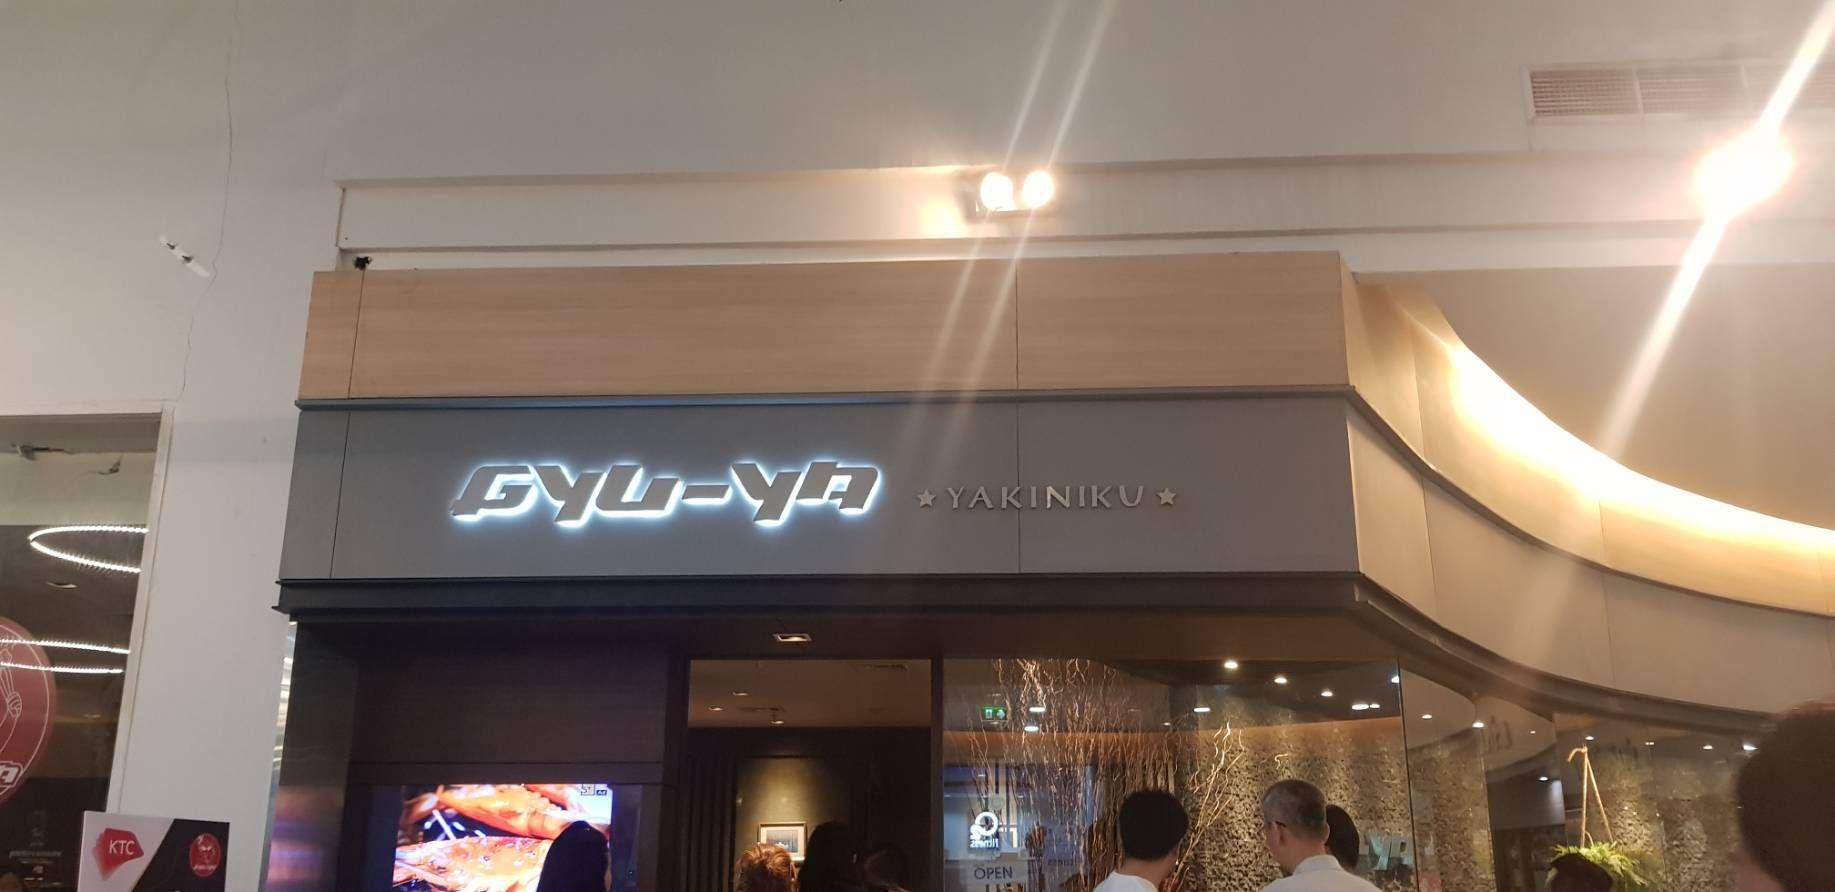 ปิ้งย่าง สไตล์ญี่ปุ่น กับร้าน Gyu Ya Yakiniku สาขา tree on 3 @พระราม 3